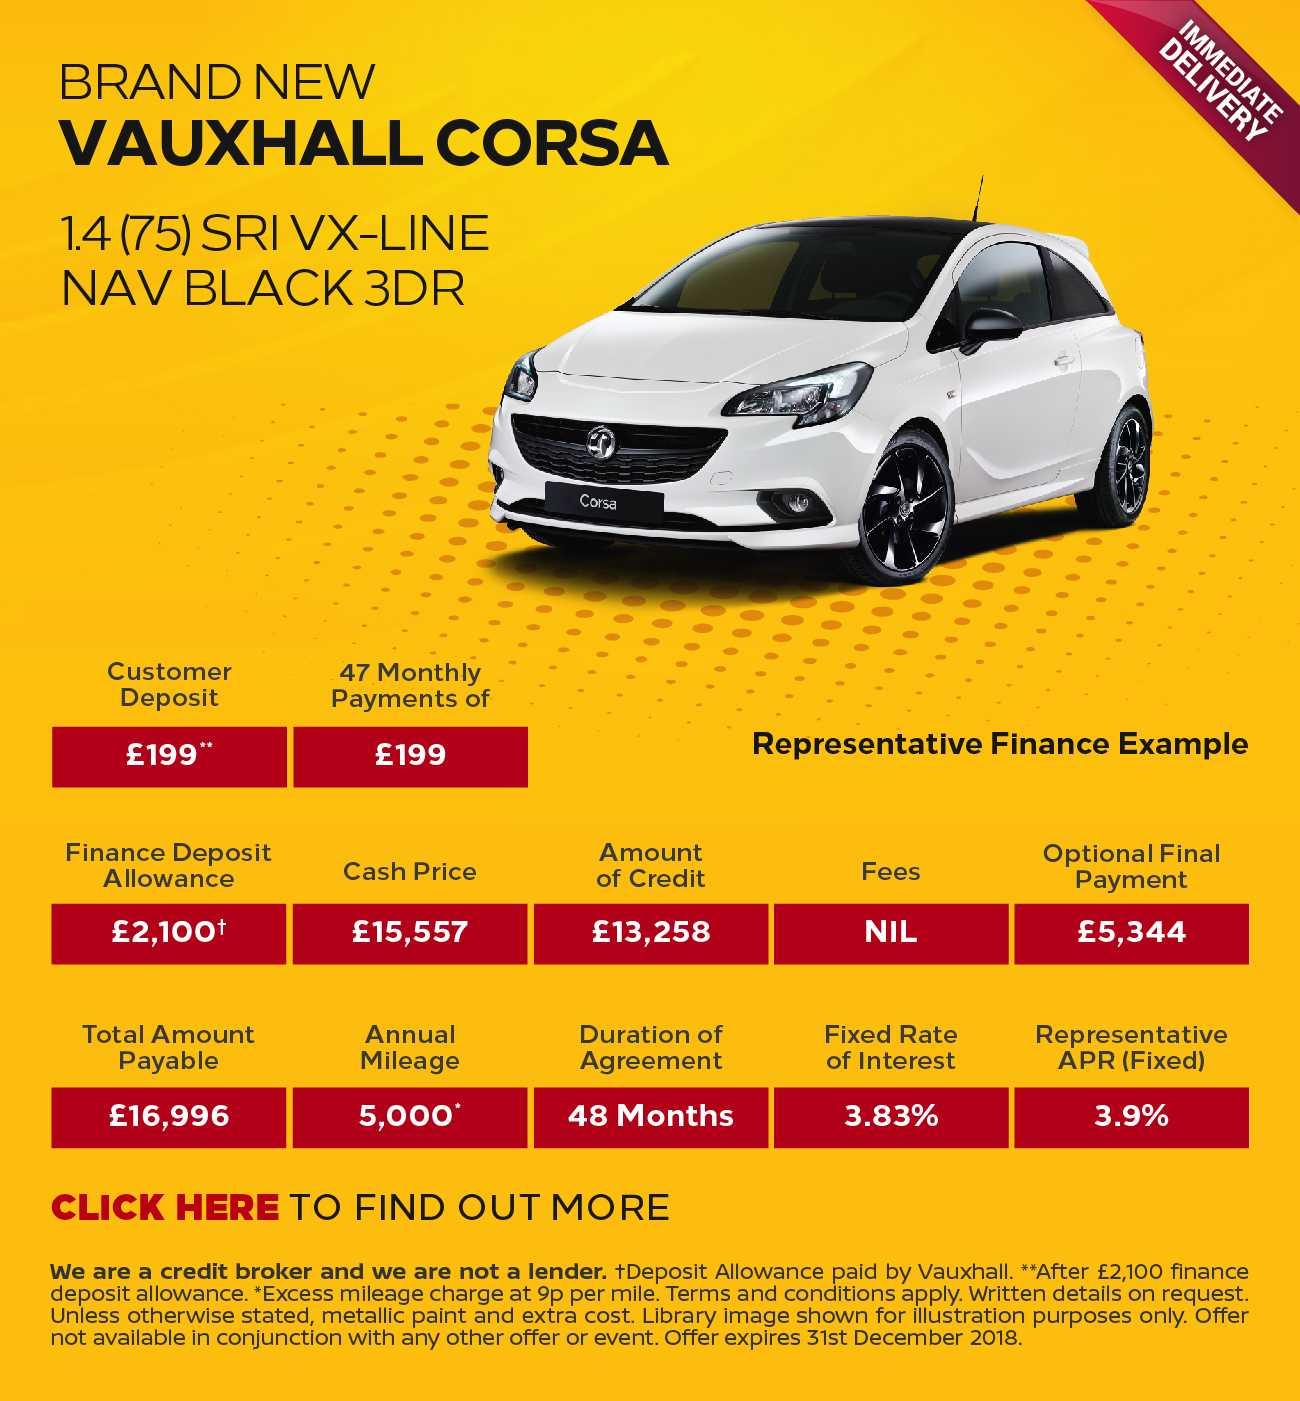 Vauxhall Corsa SE-NAV Deals